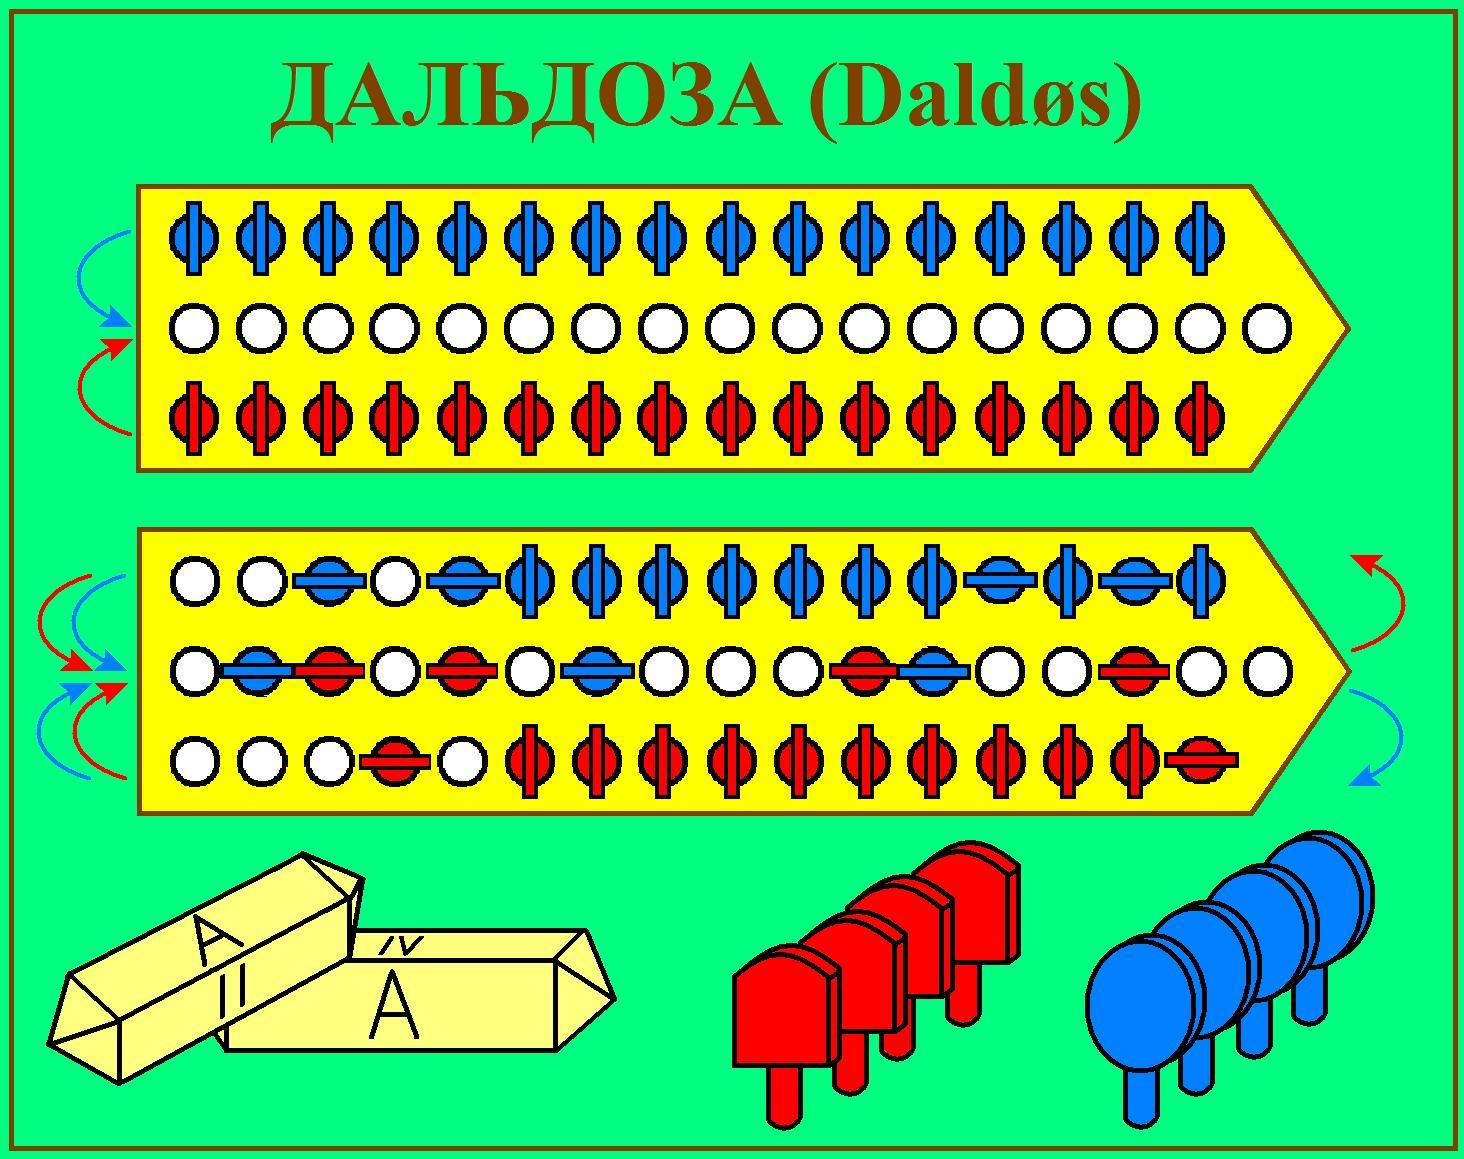 Дальдоза, схема движения.